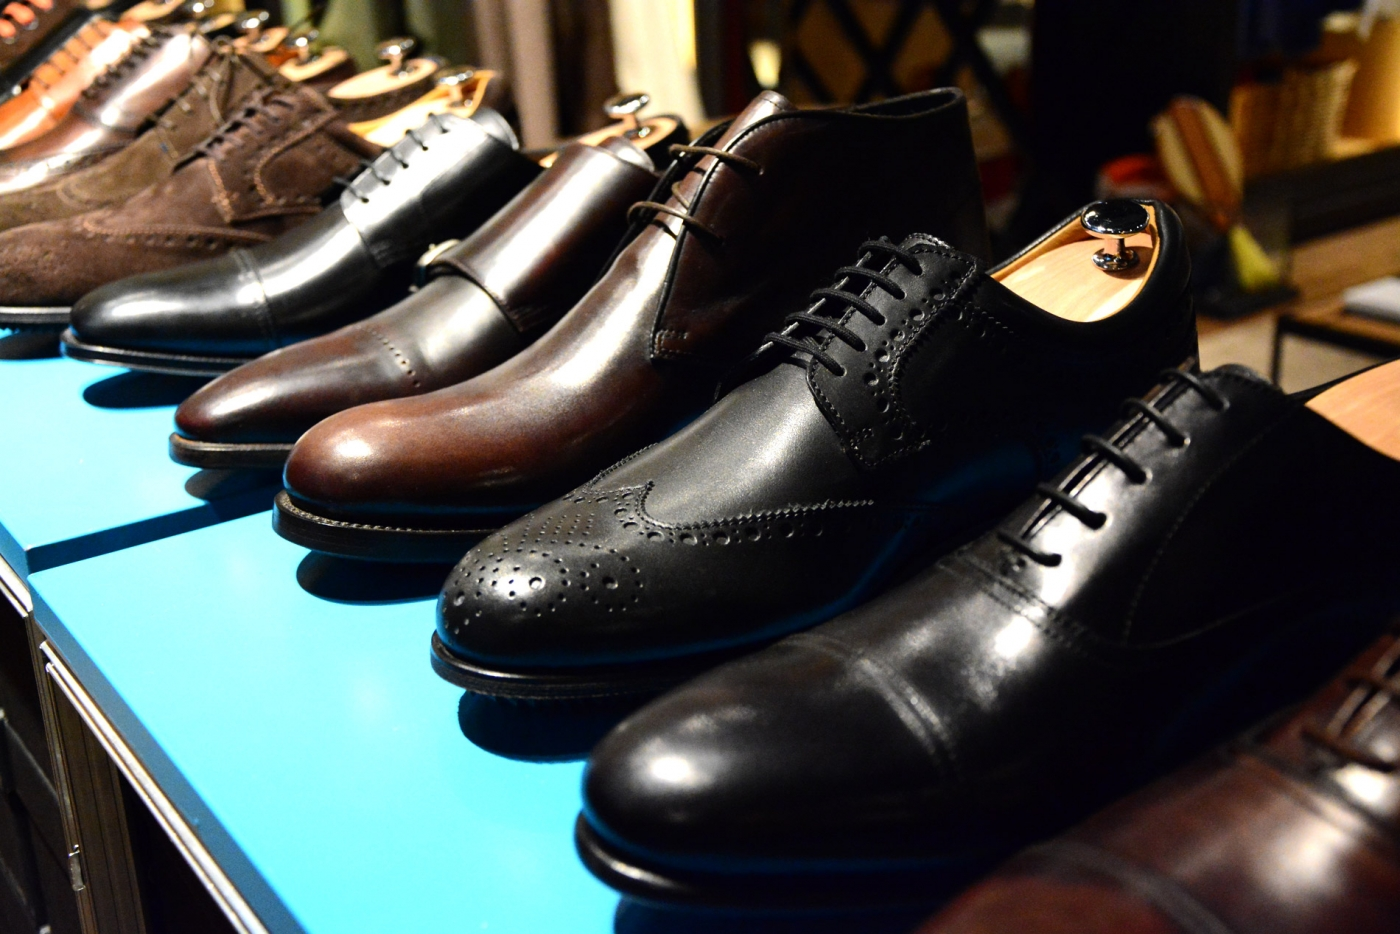 Risch-Shoes-Scan-Massanfertigung-Gentleman-Style-Malefashion